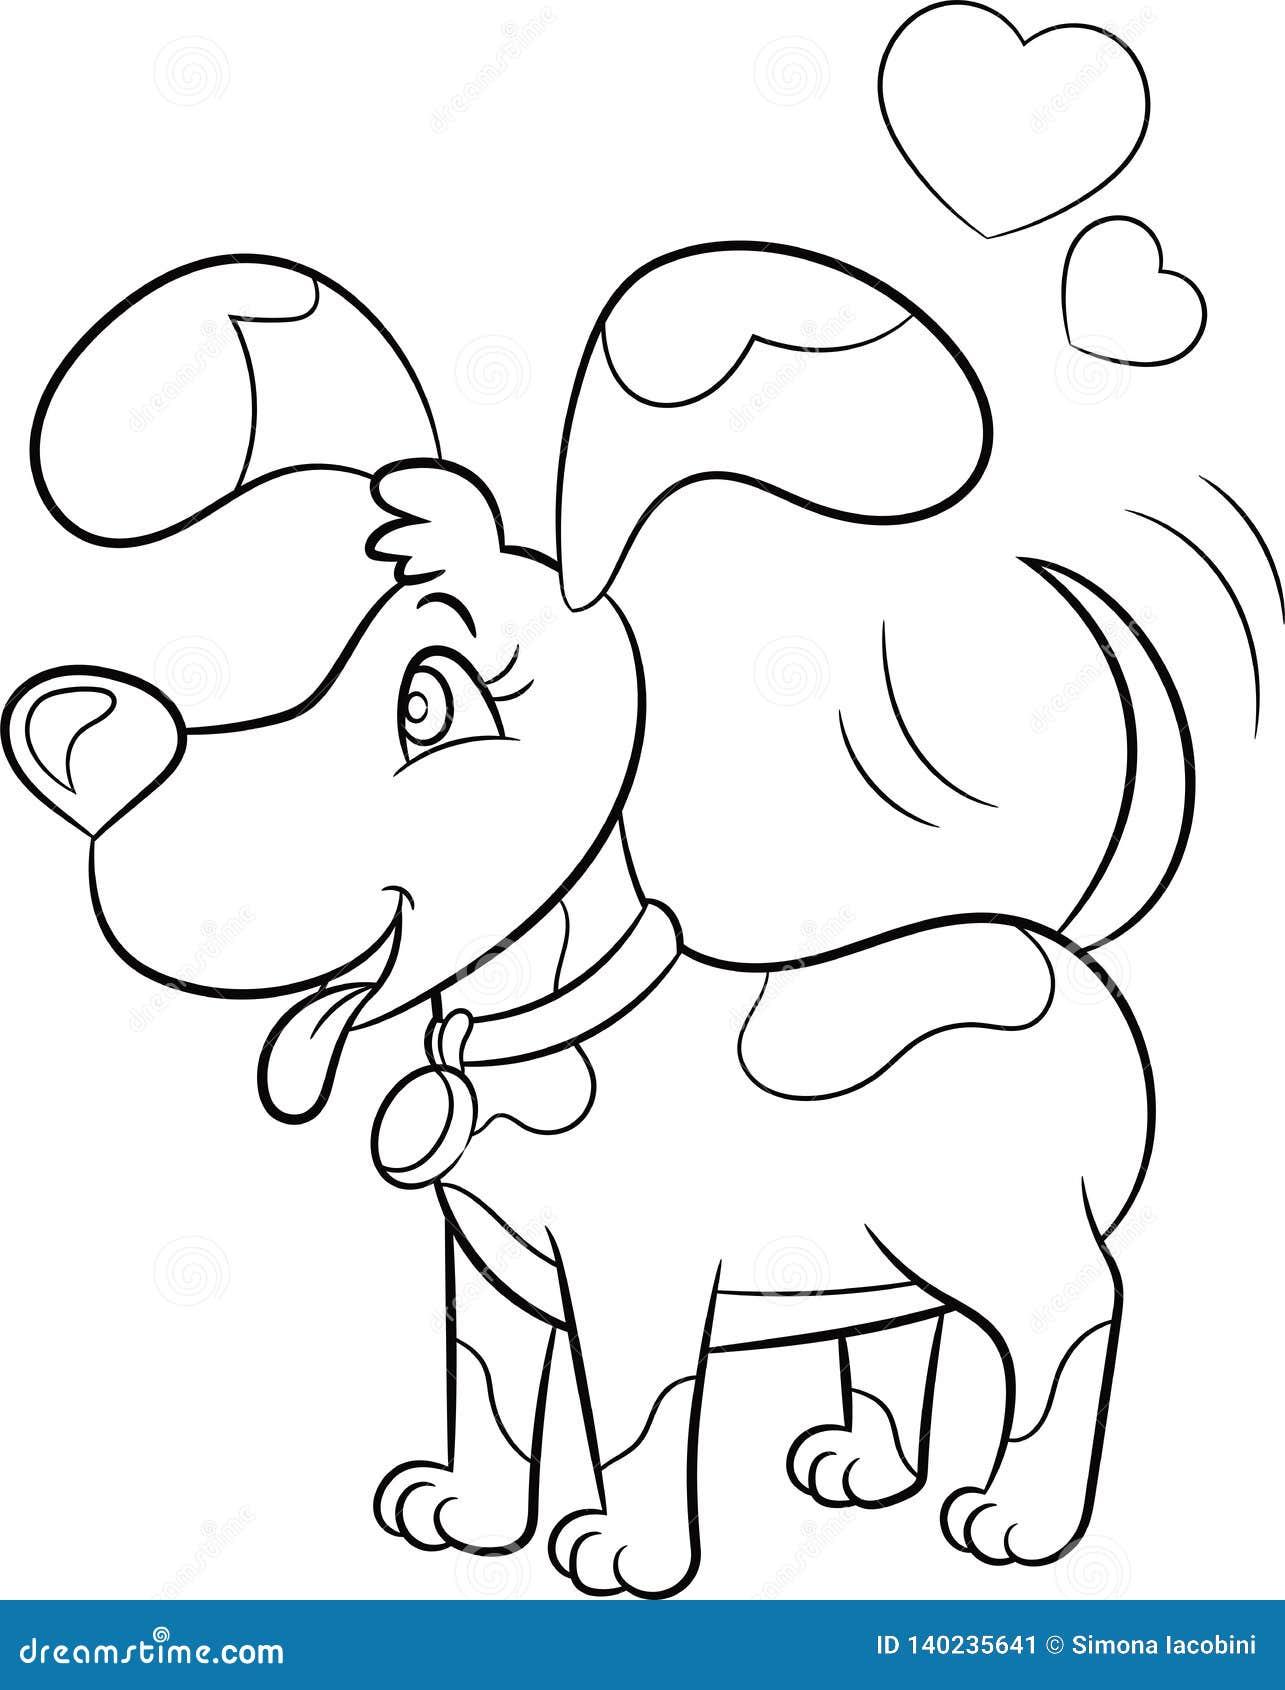 Dibujo Blanco Y Negro Del Kawaii De Un Pequeño Perro Con Los